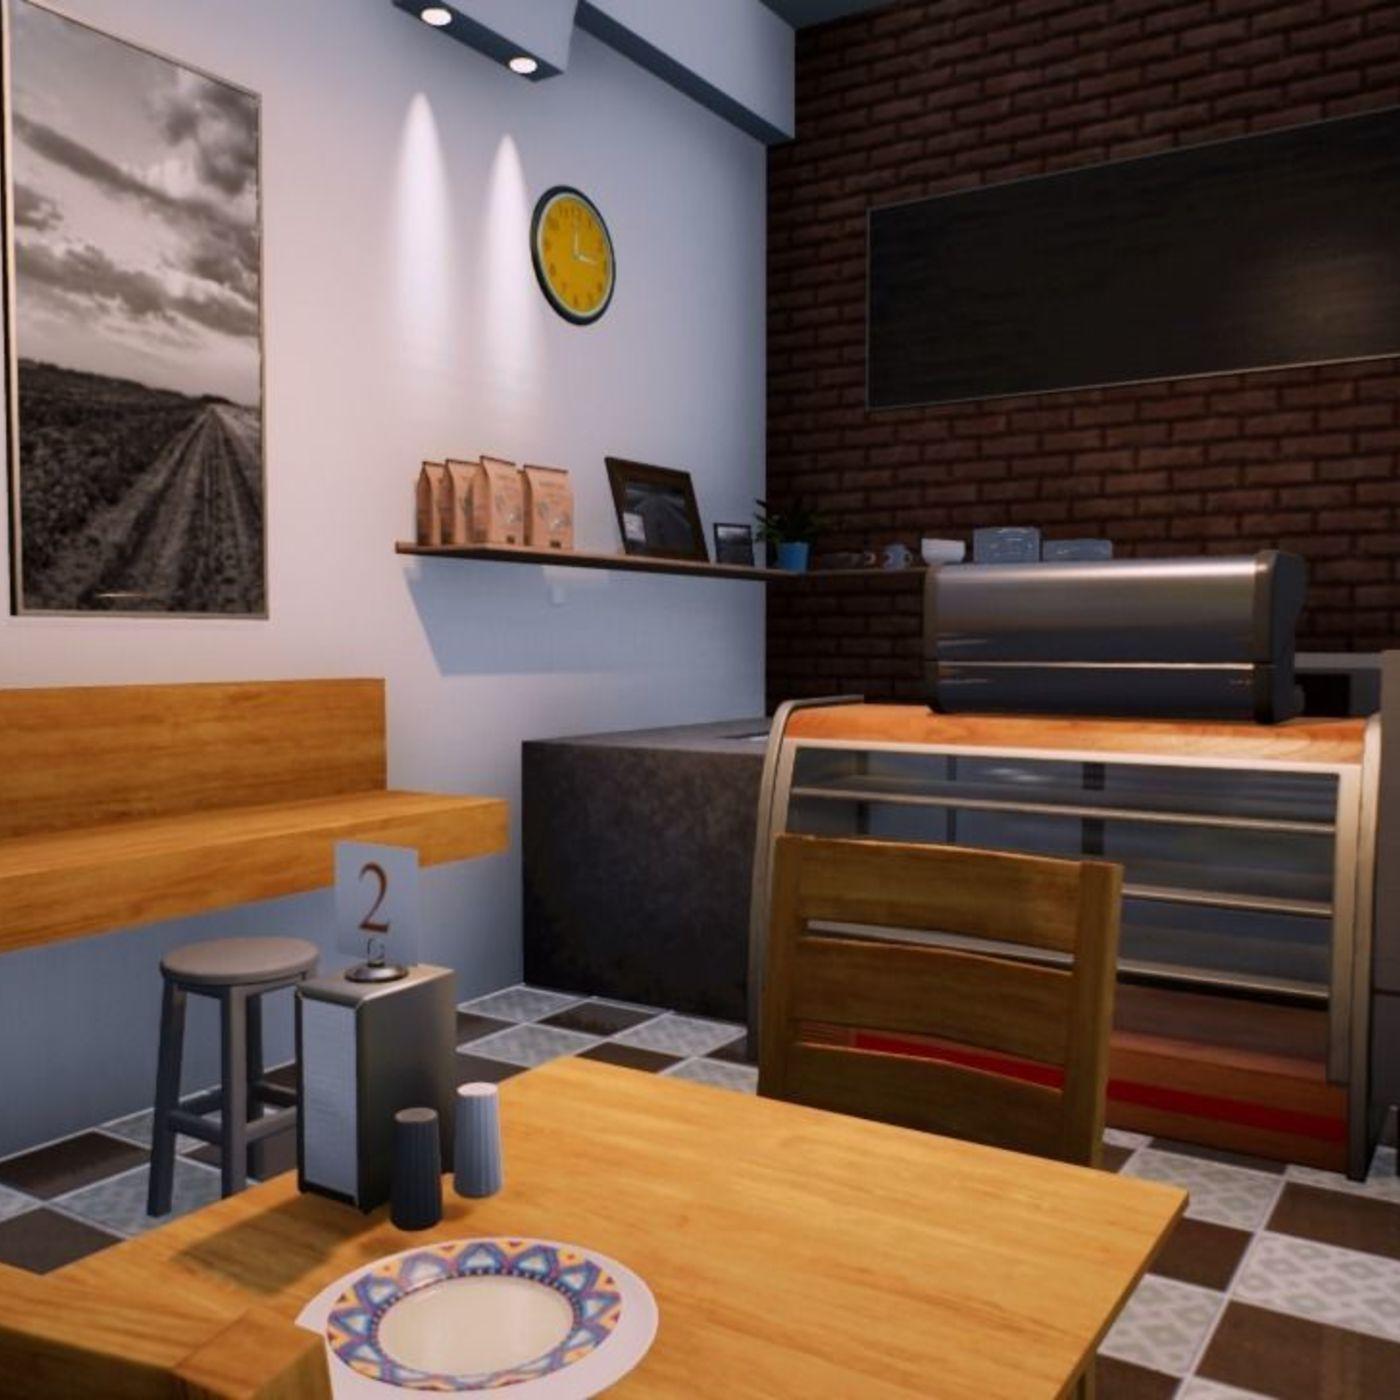 Cafe Scene in UE4